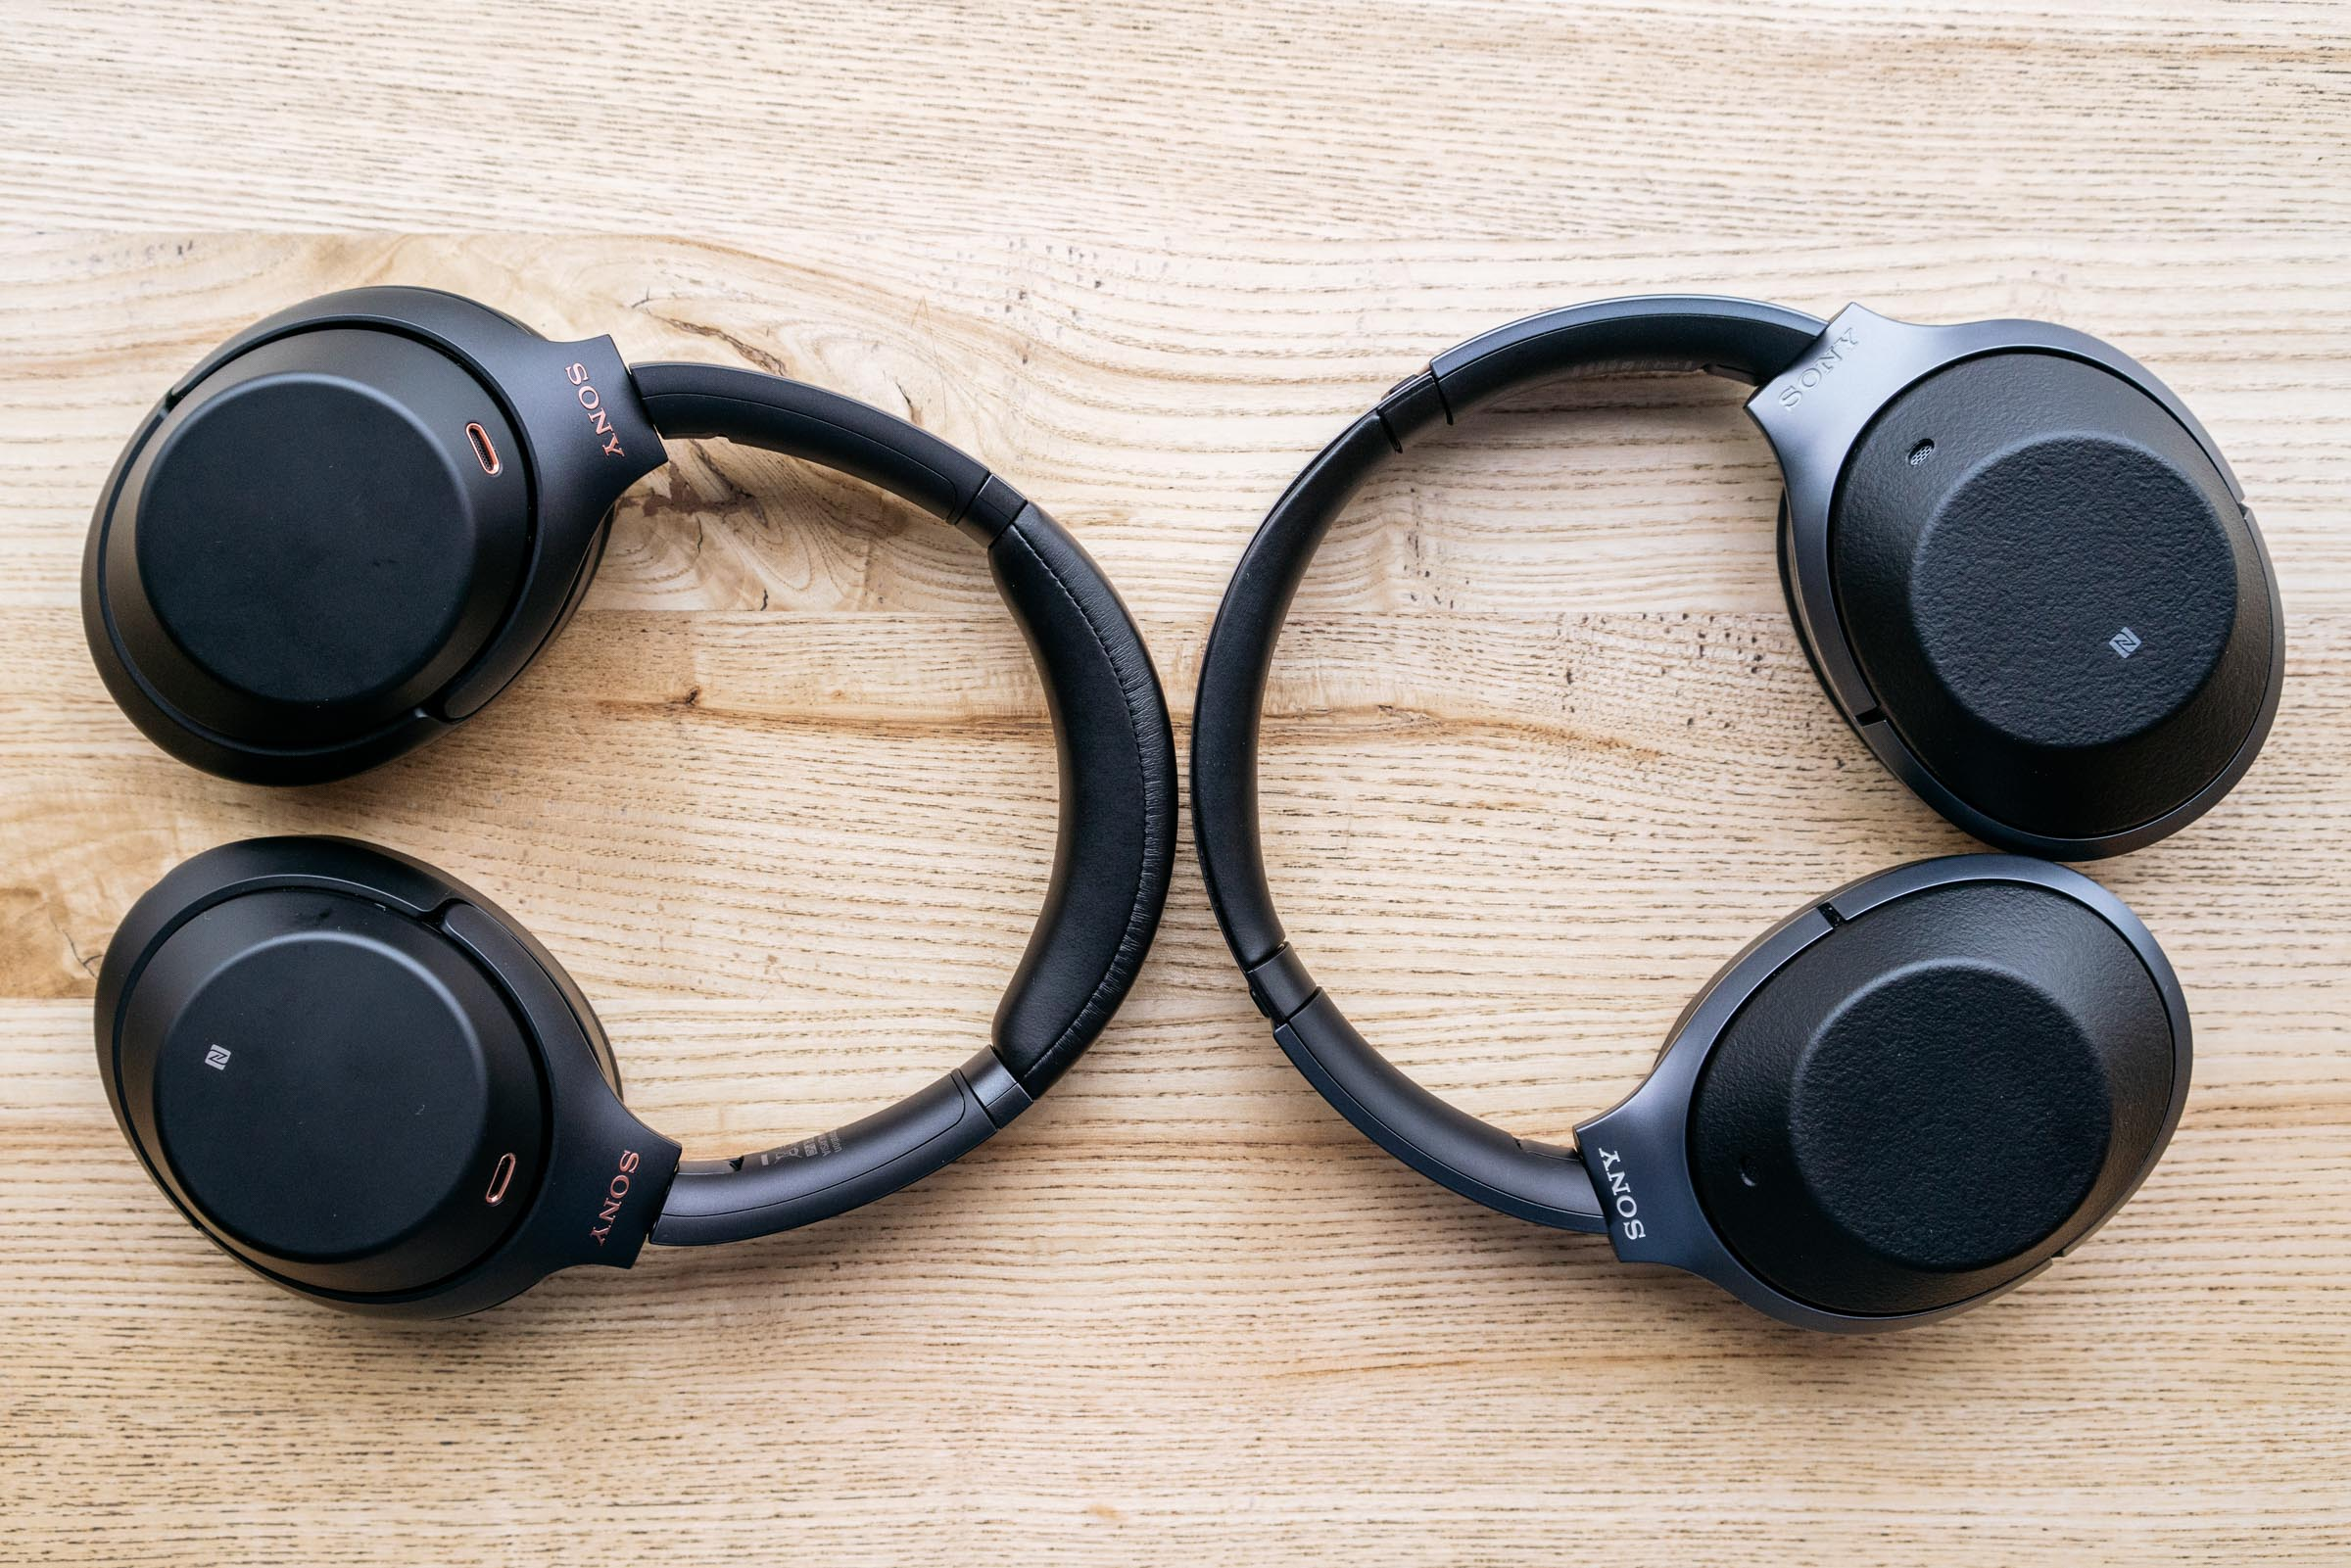 Sony WH-1000XM3 - recenzja nowych słuchawek z ANC  Żałuję